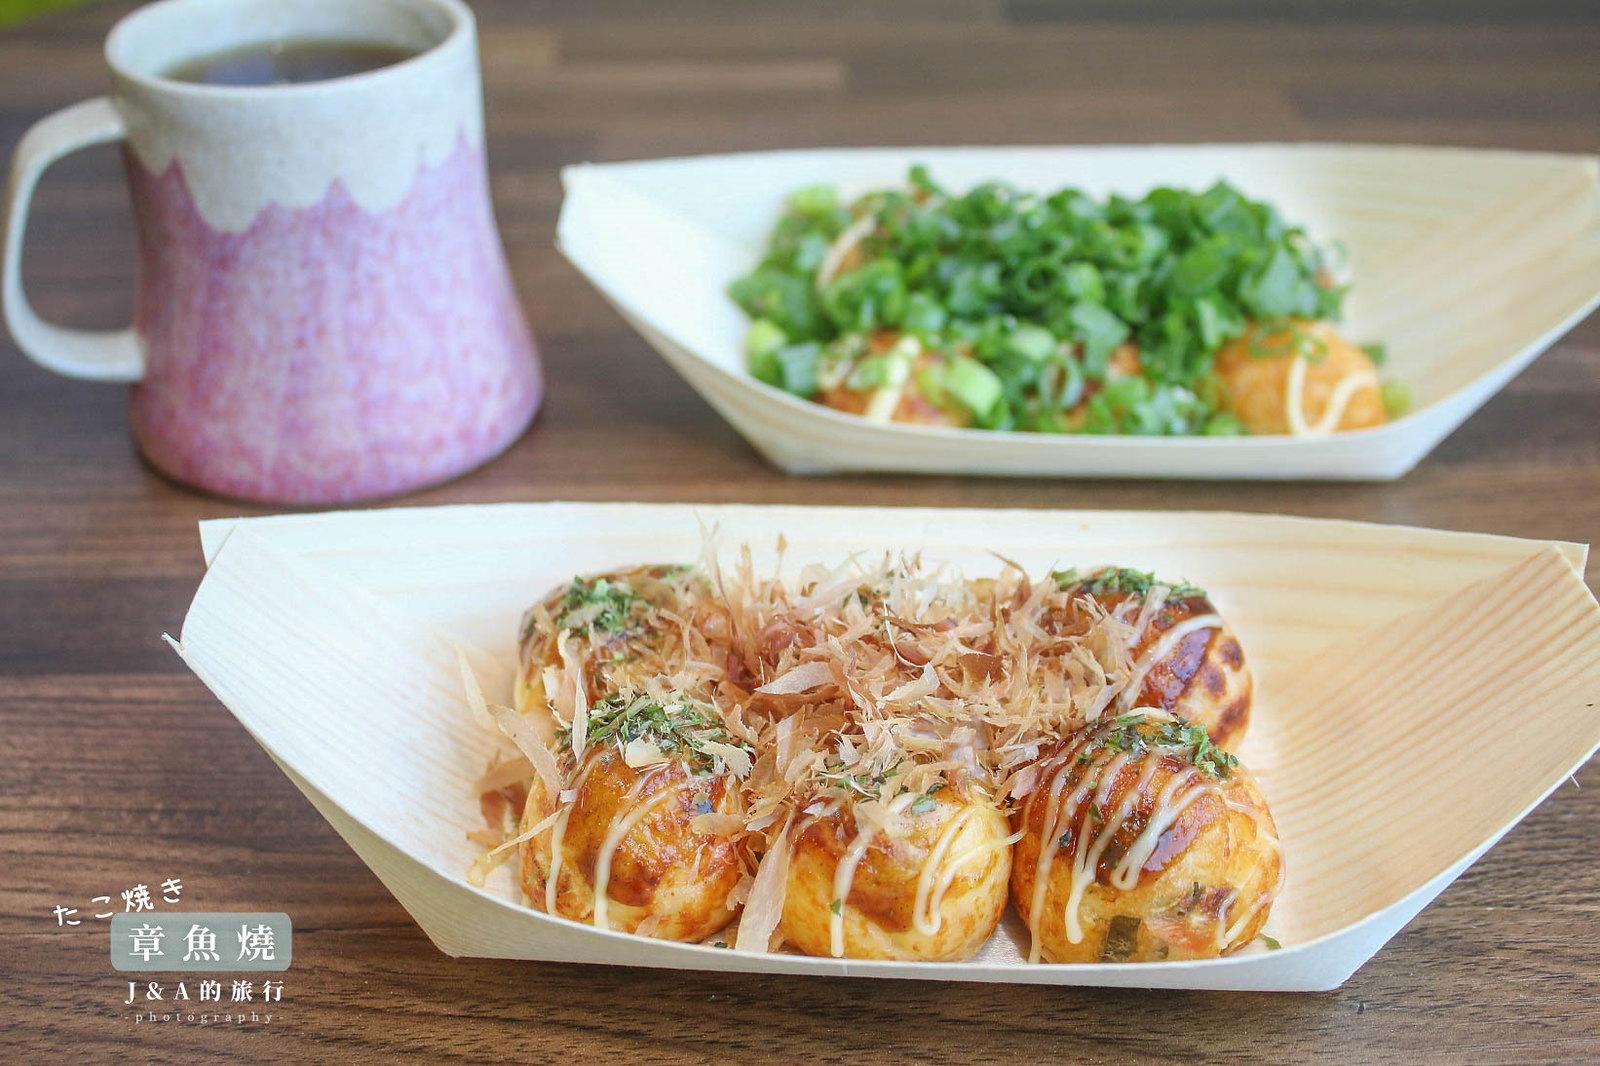 最新推播訊息:台式章魚燒VS.日式章魚燒,你是哪一派?